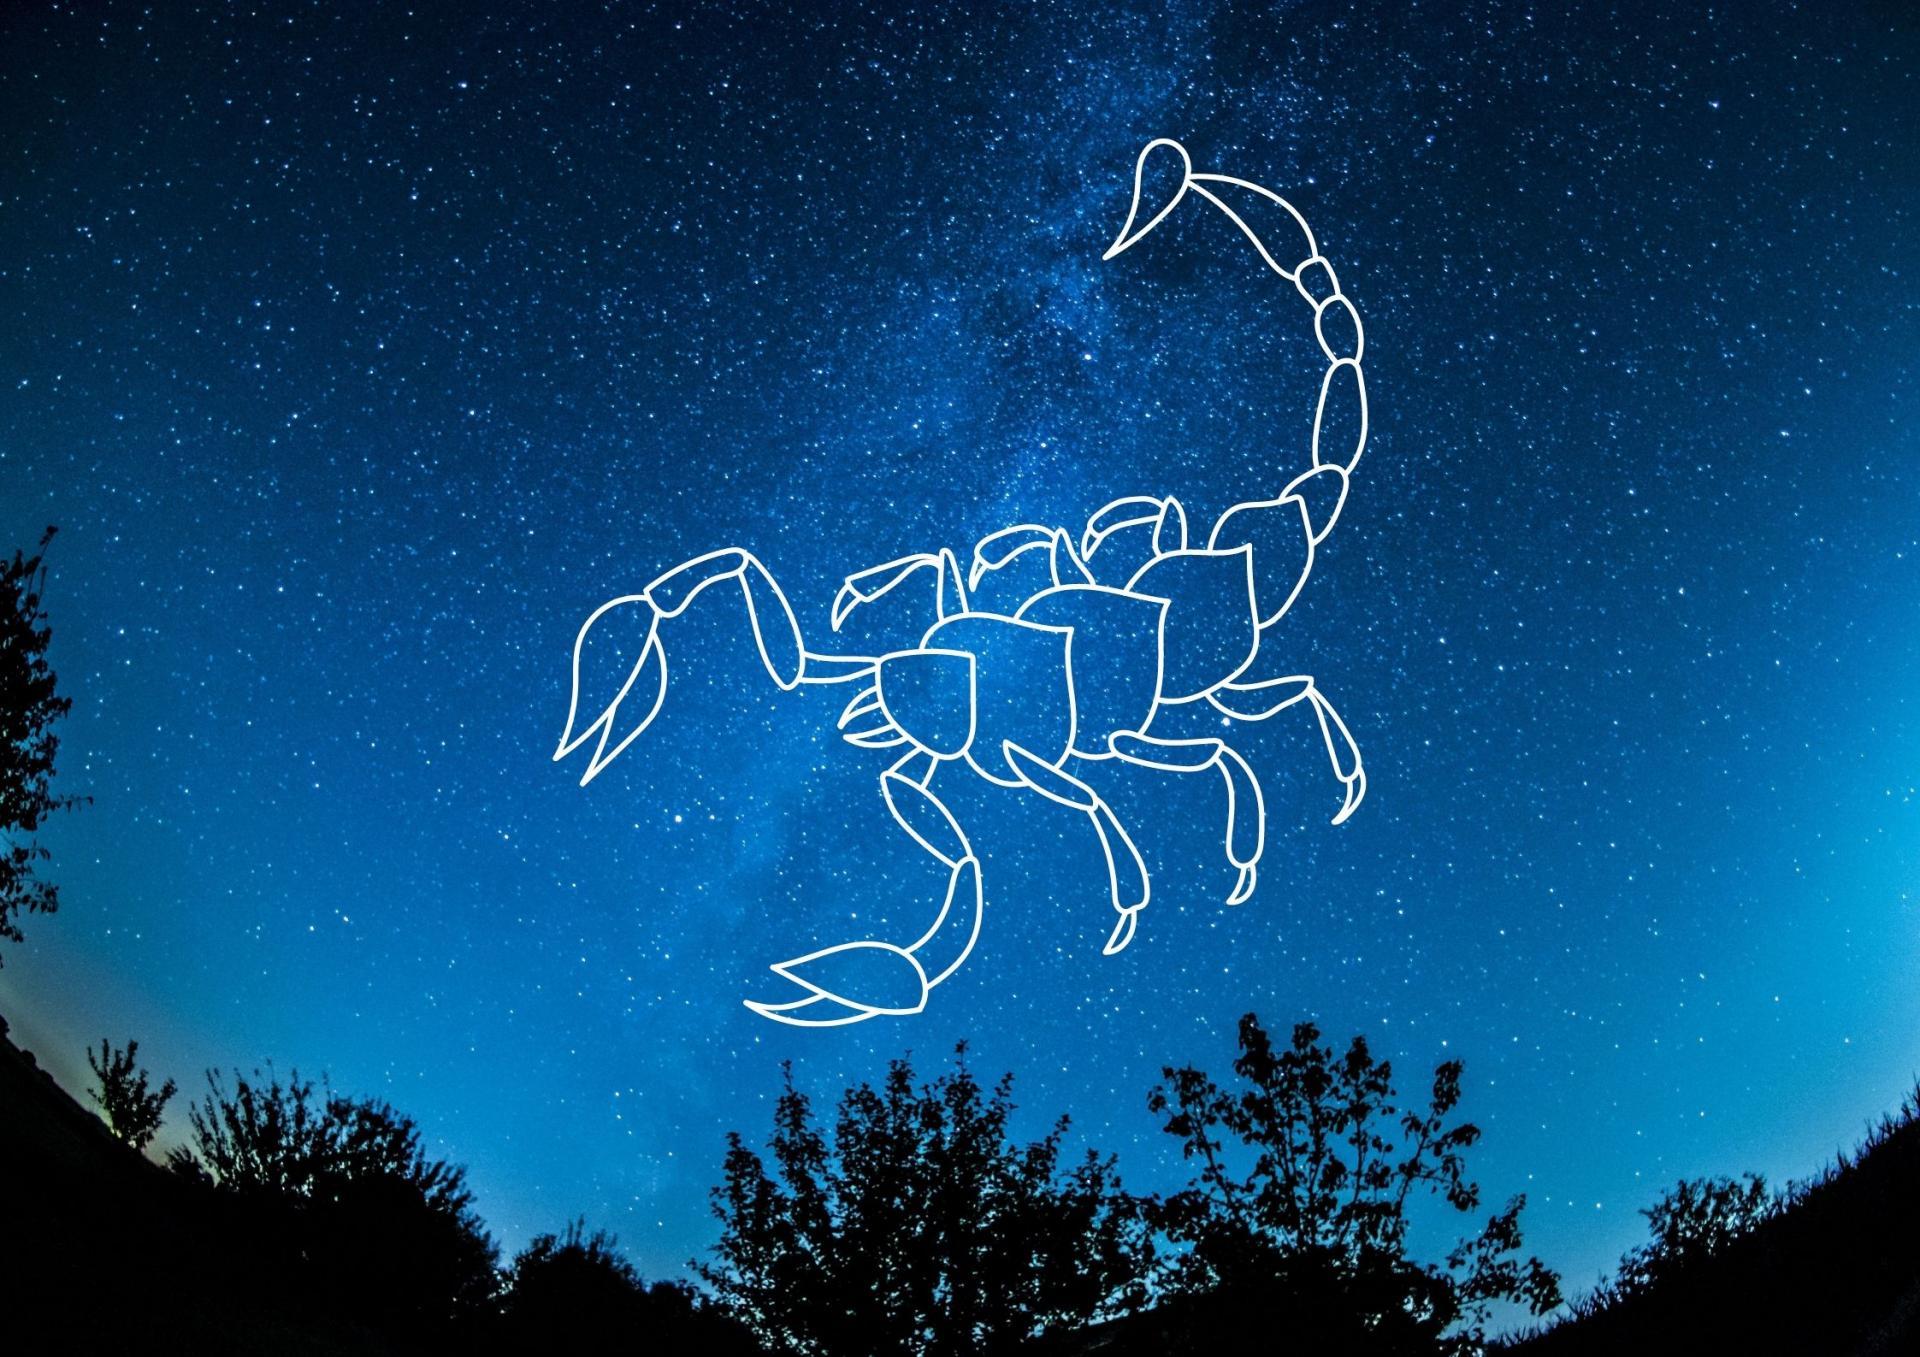 Scorpion 1 1